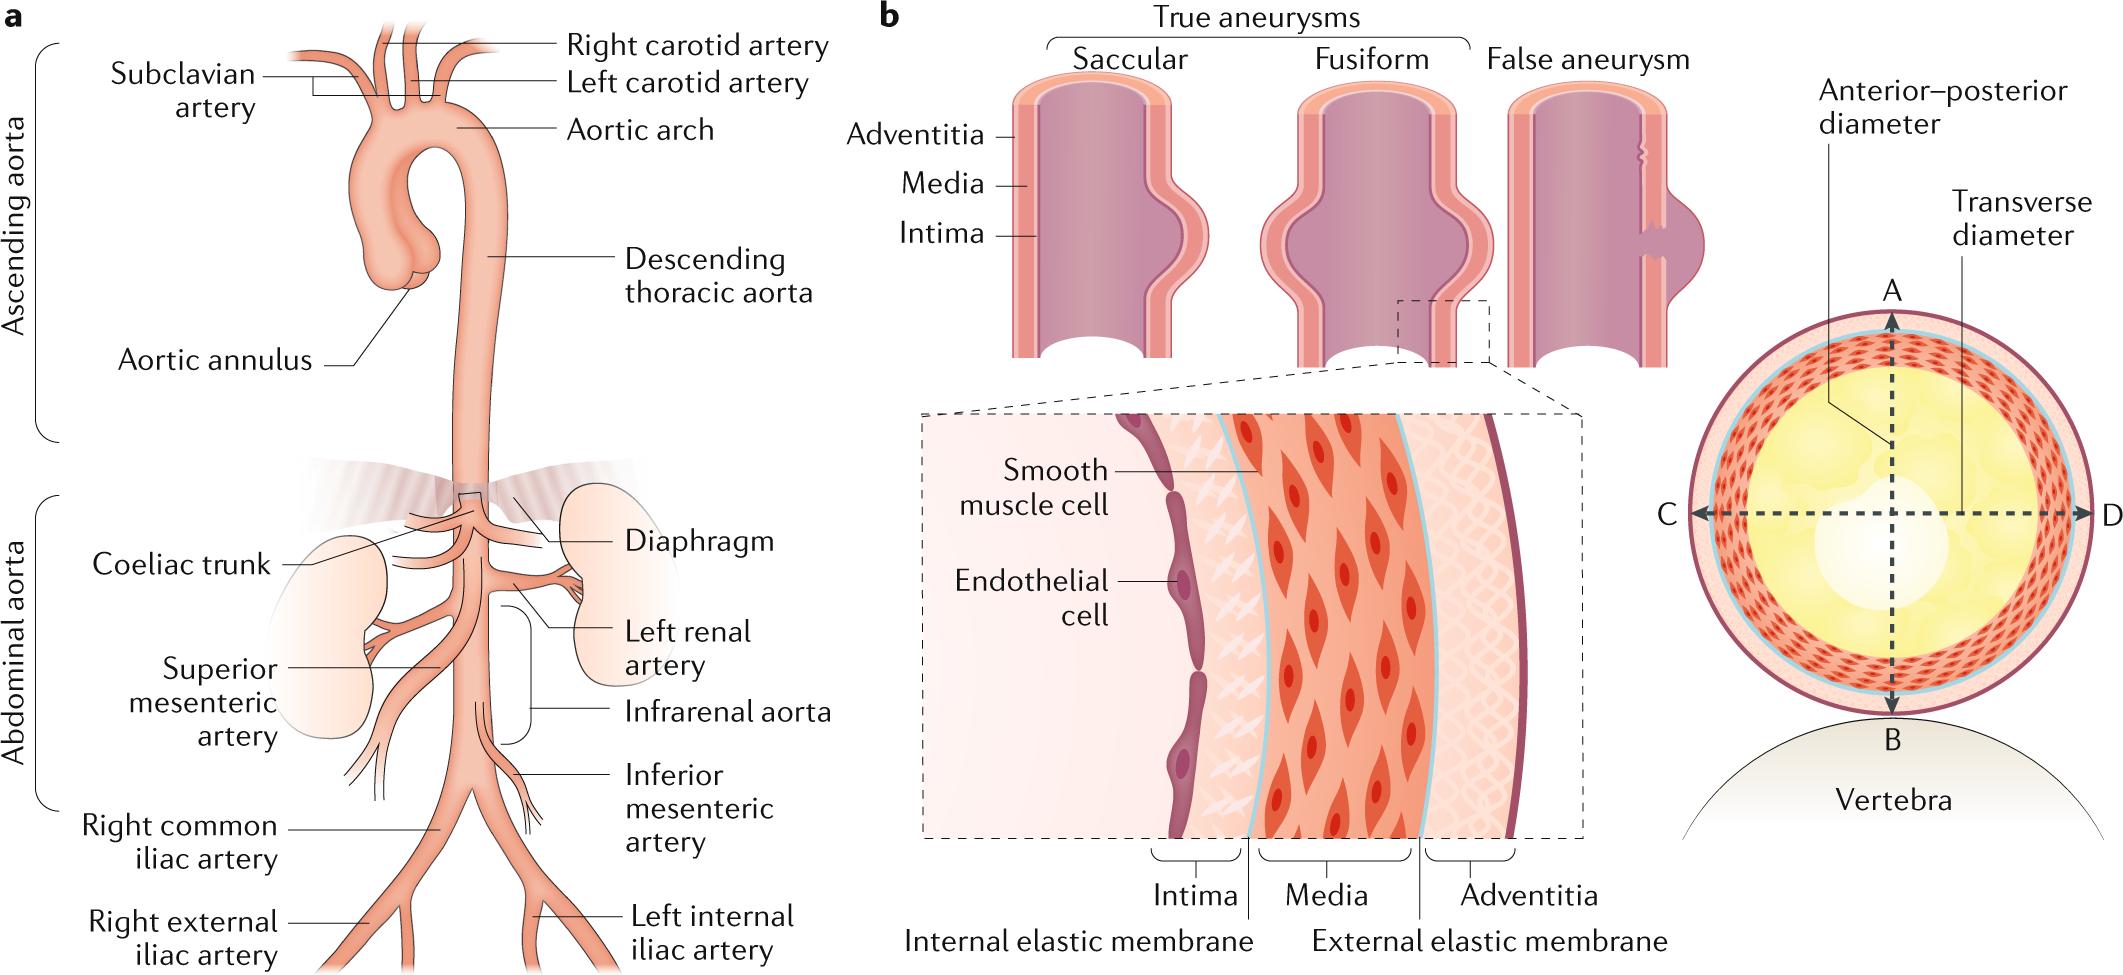 Abdominal Aortic Aneurysms Nature Reviews Disease Primers